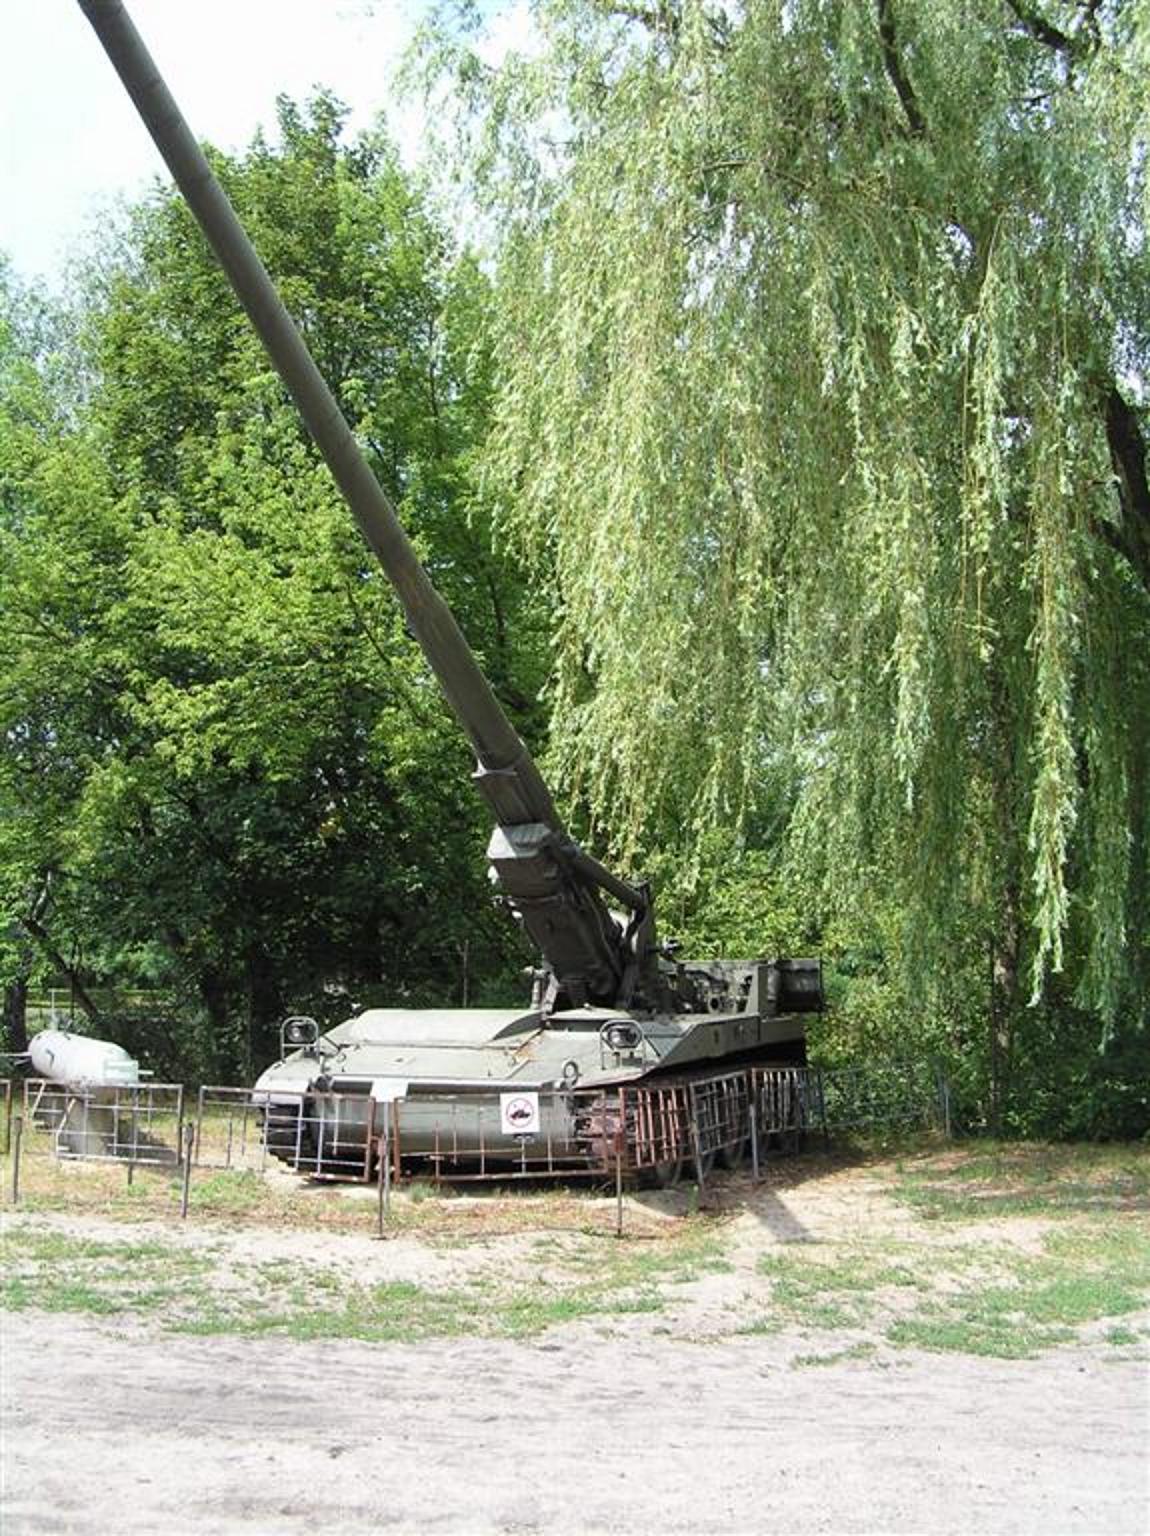 M107 175mm